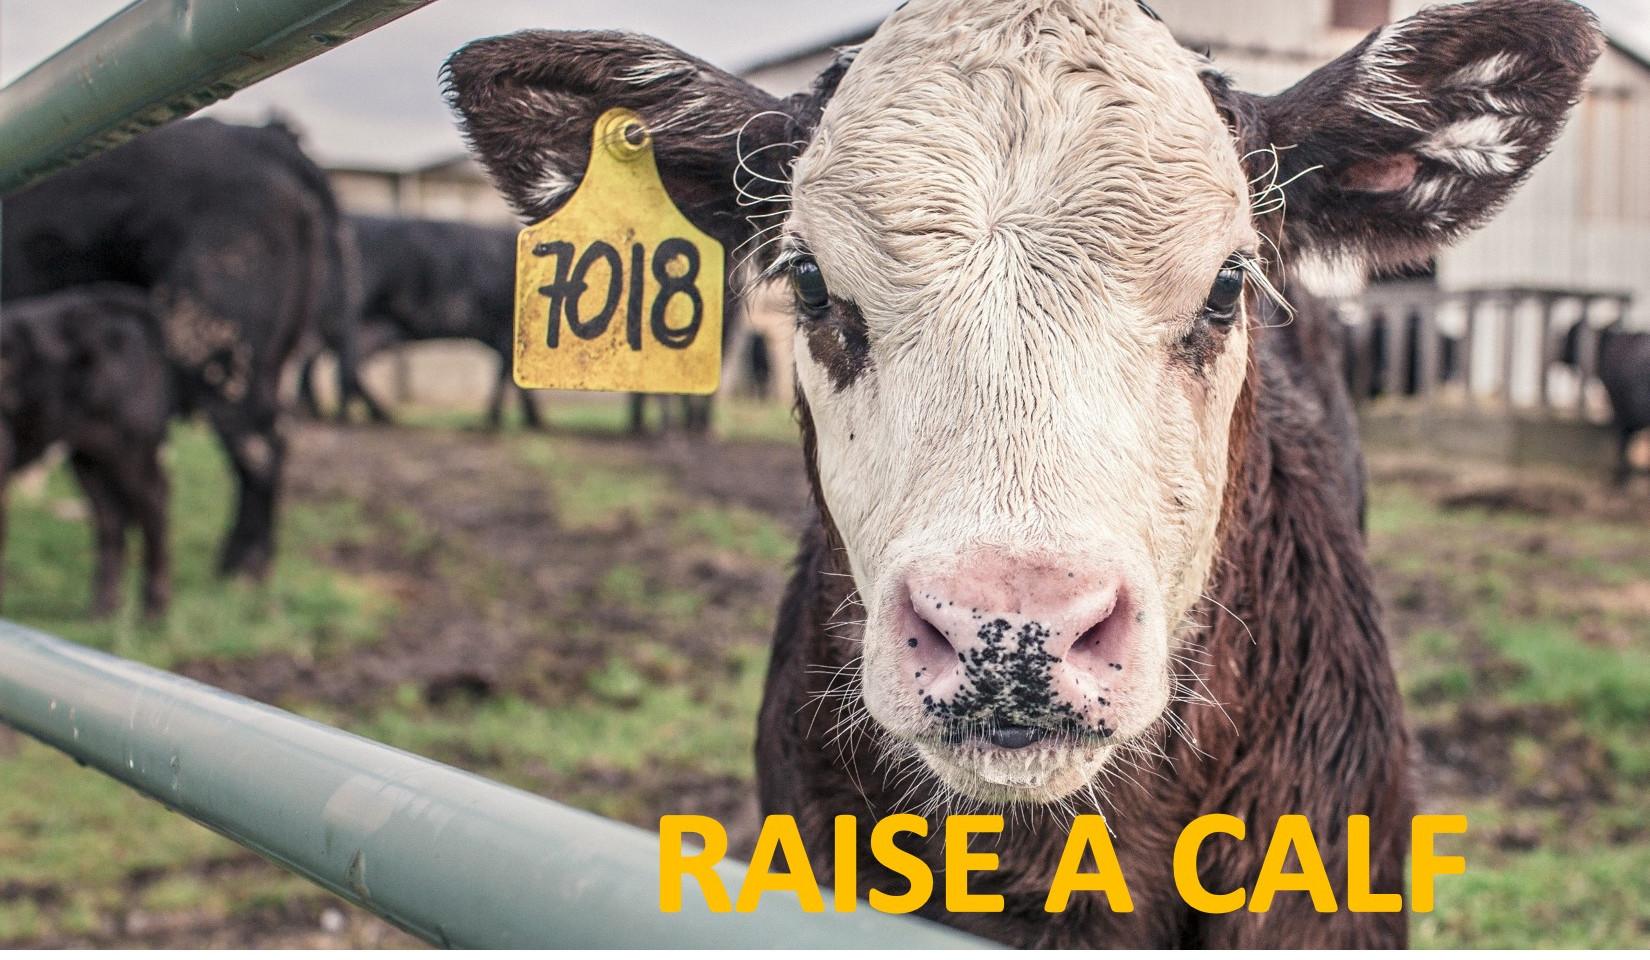 Raise a Calf Fundraiser